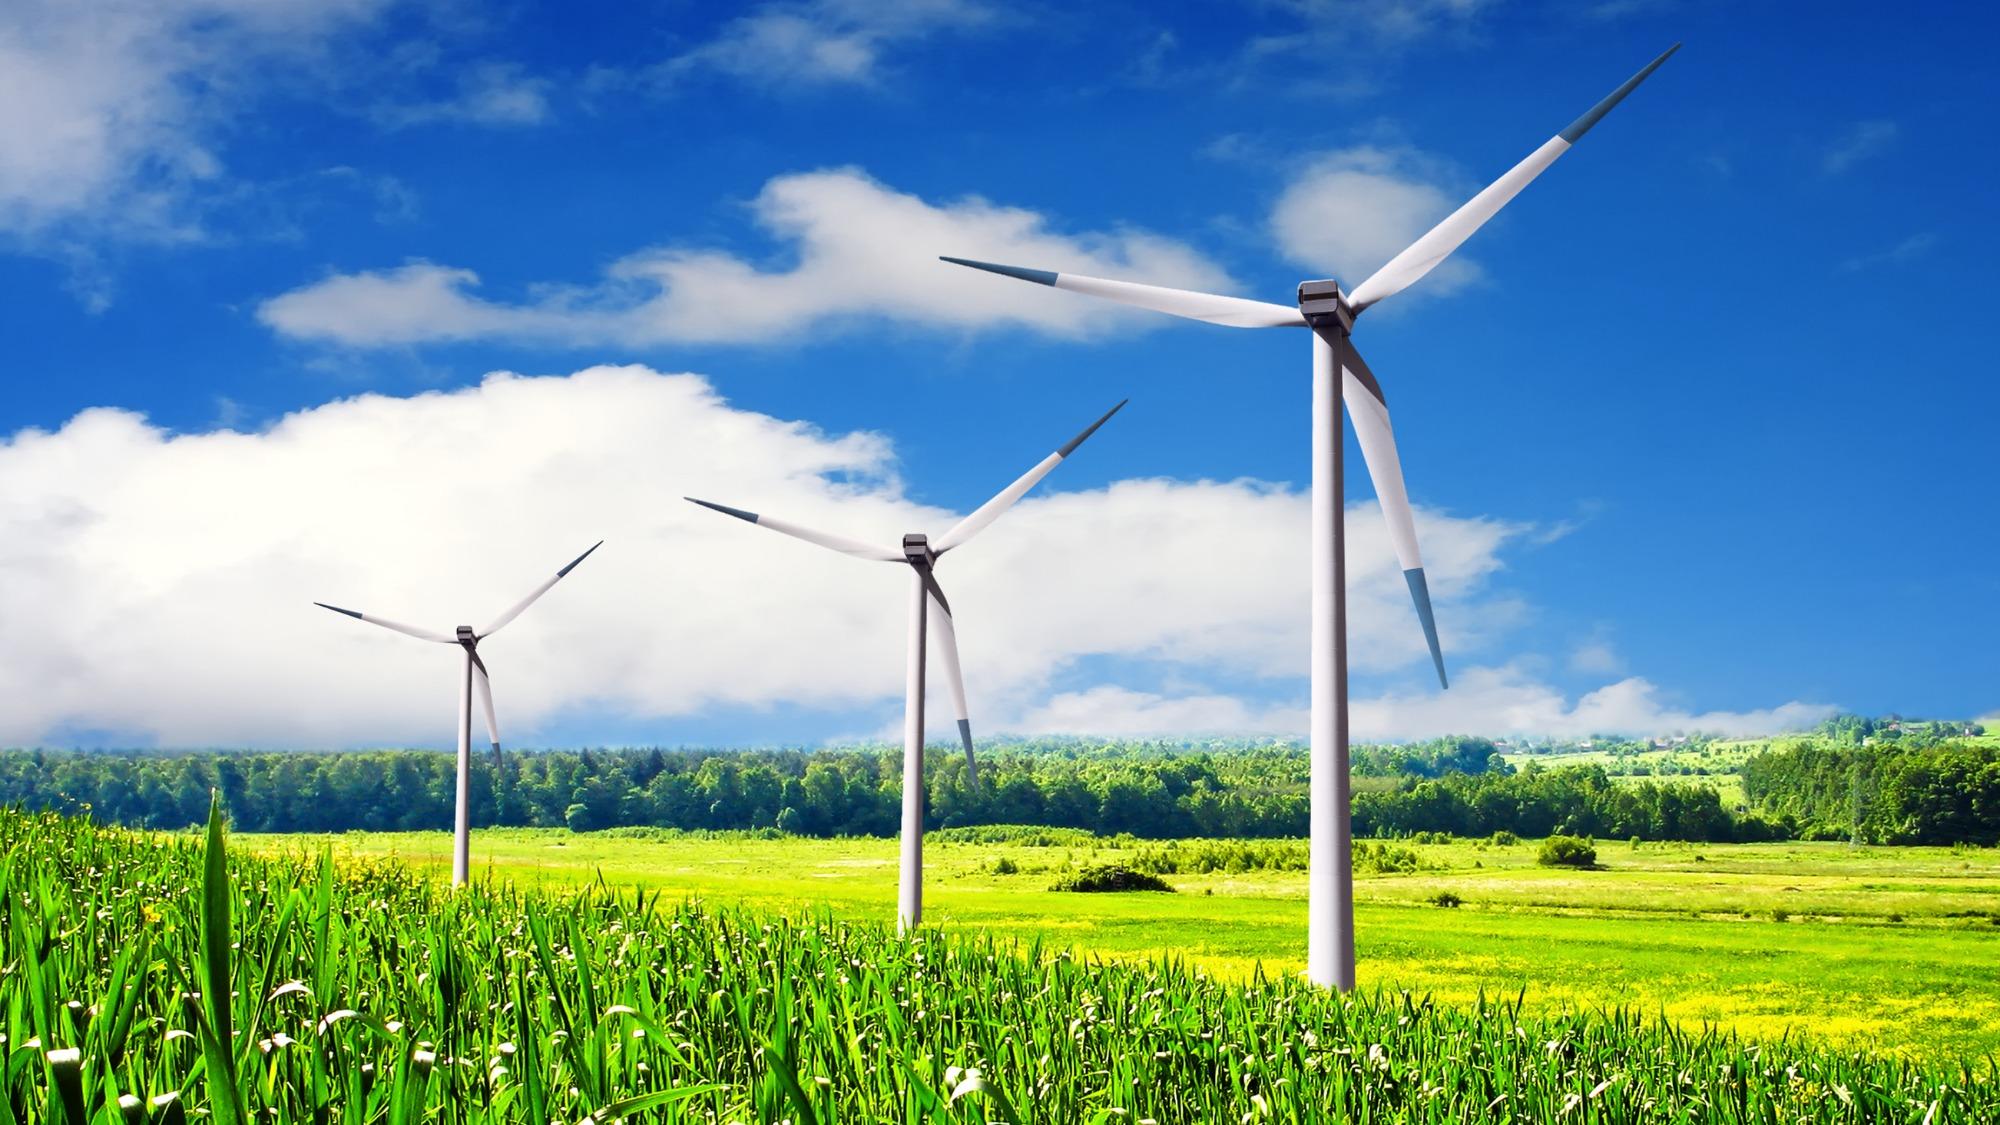 A true wind farm.